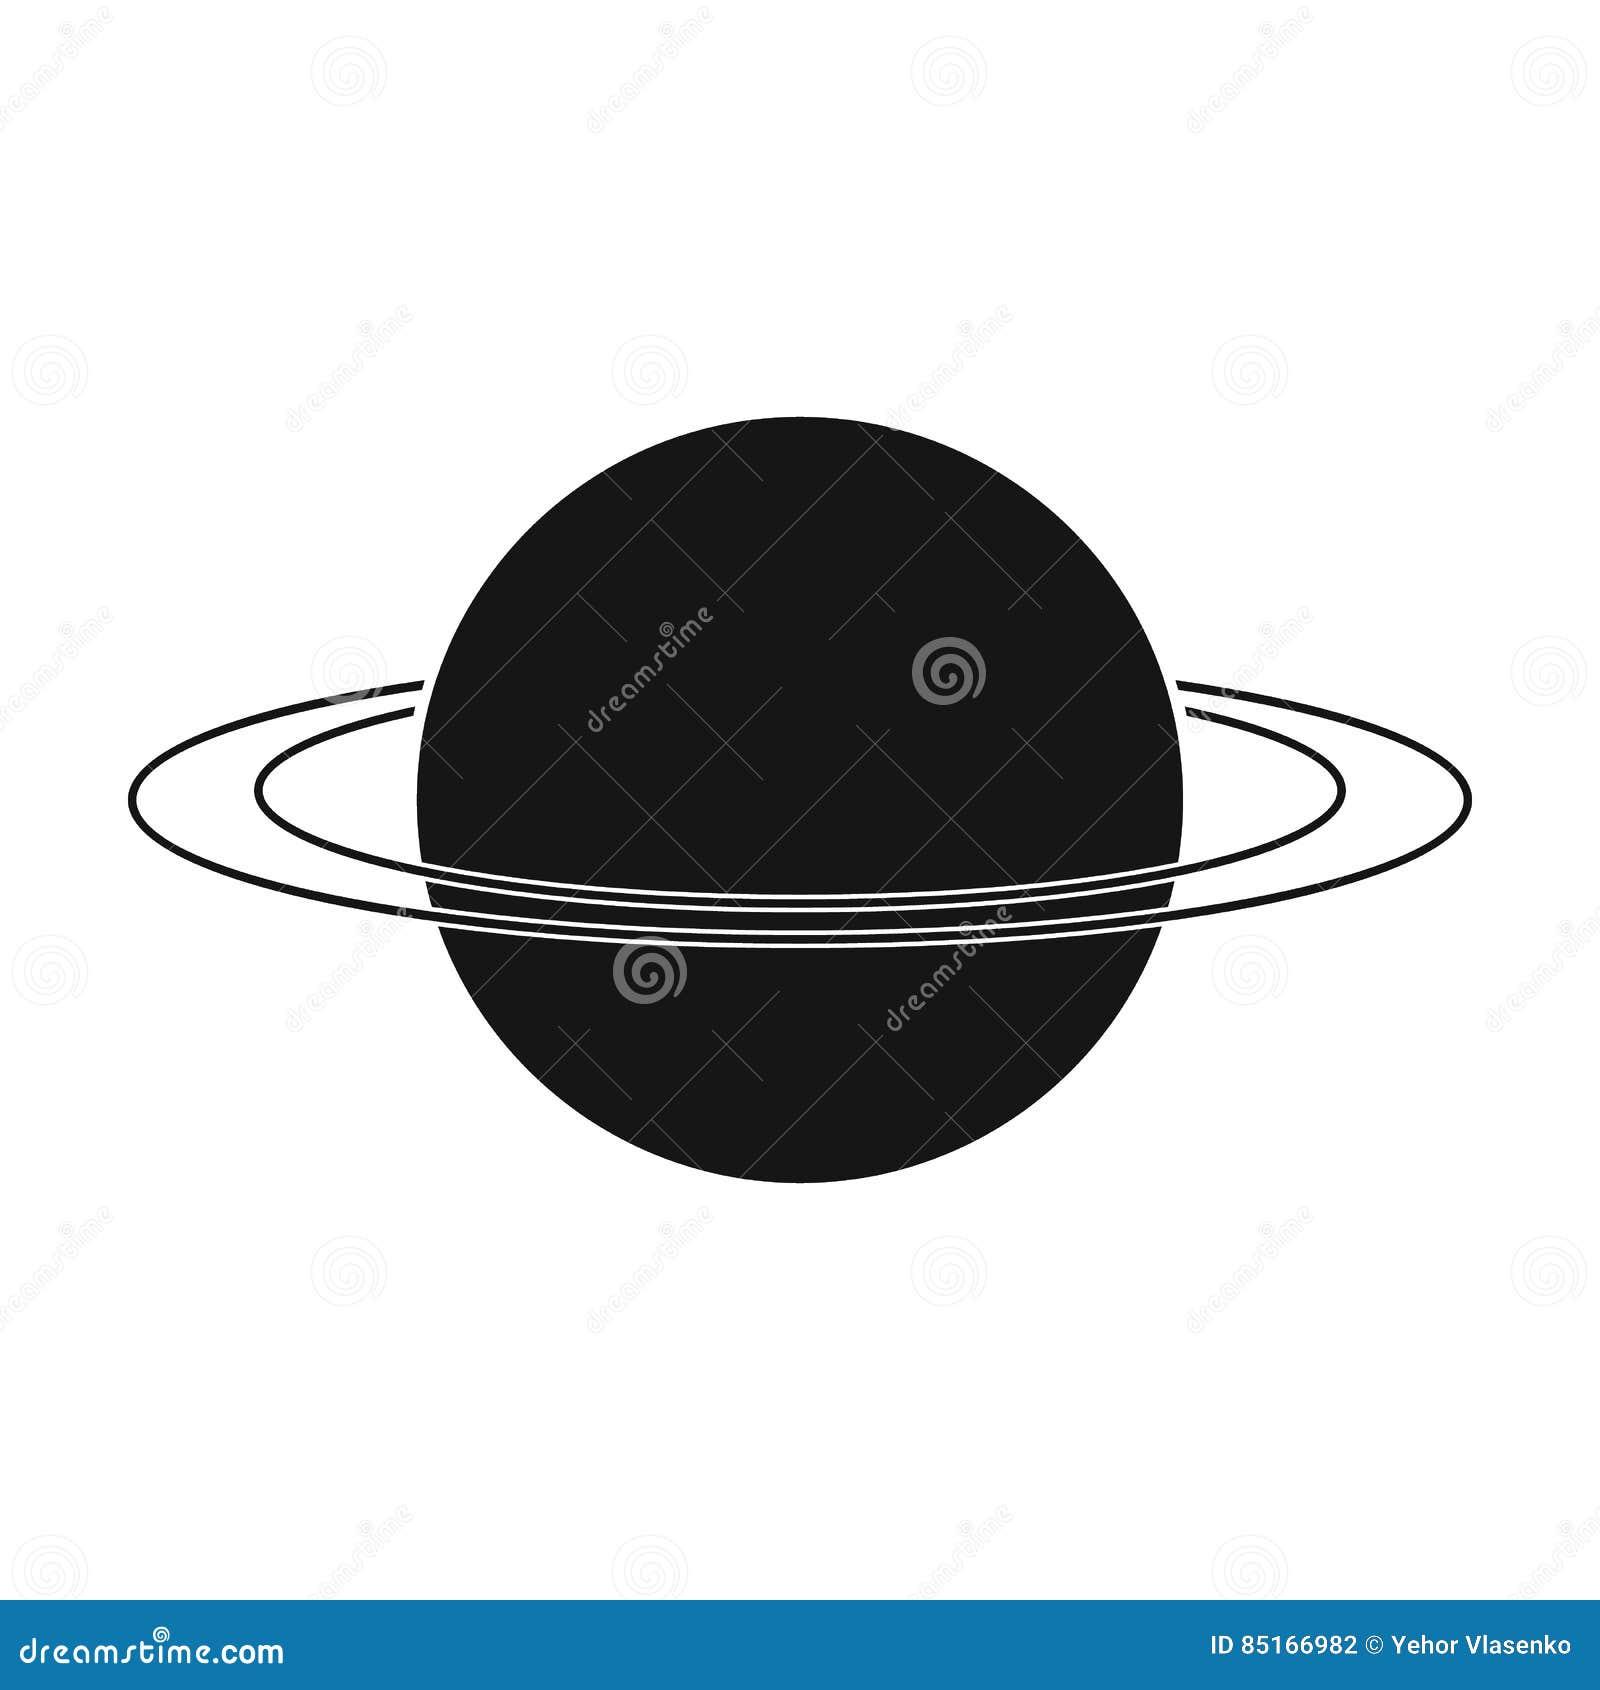 Uranus icon in black style isolated on white background planets uranus icon in black style isolated on white background planets symbol stock vector illustration buycottarizona